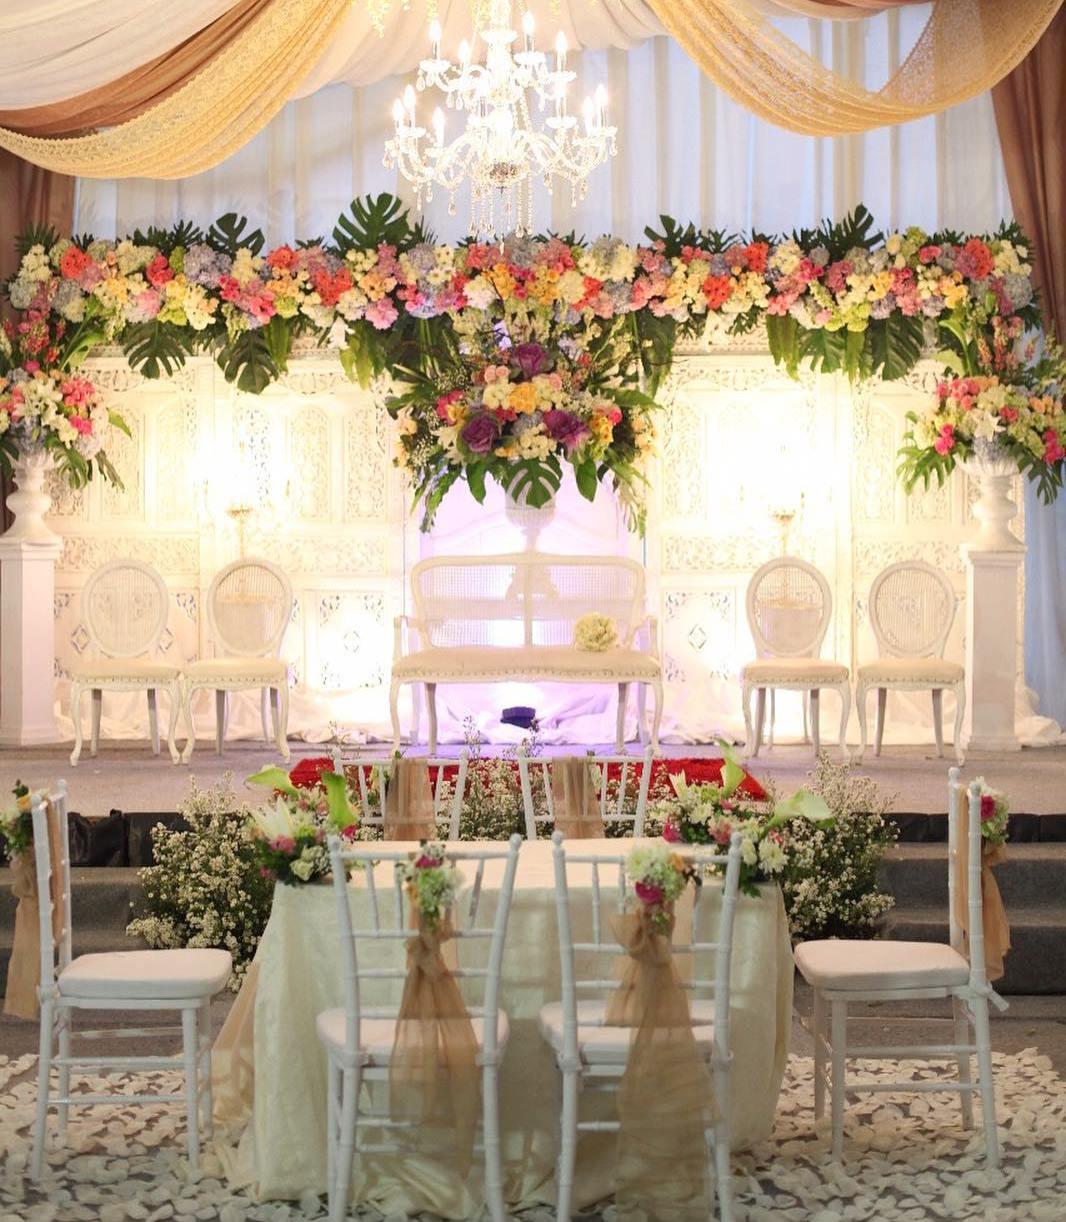 Dekorasi Pernikahan Di Rumah Bertemakan Minimalis Classy Tent